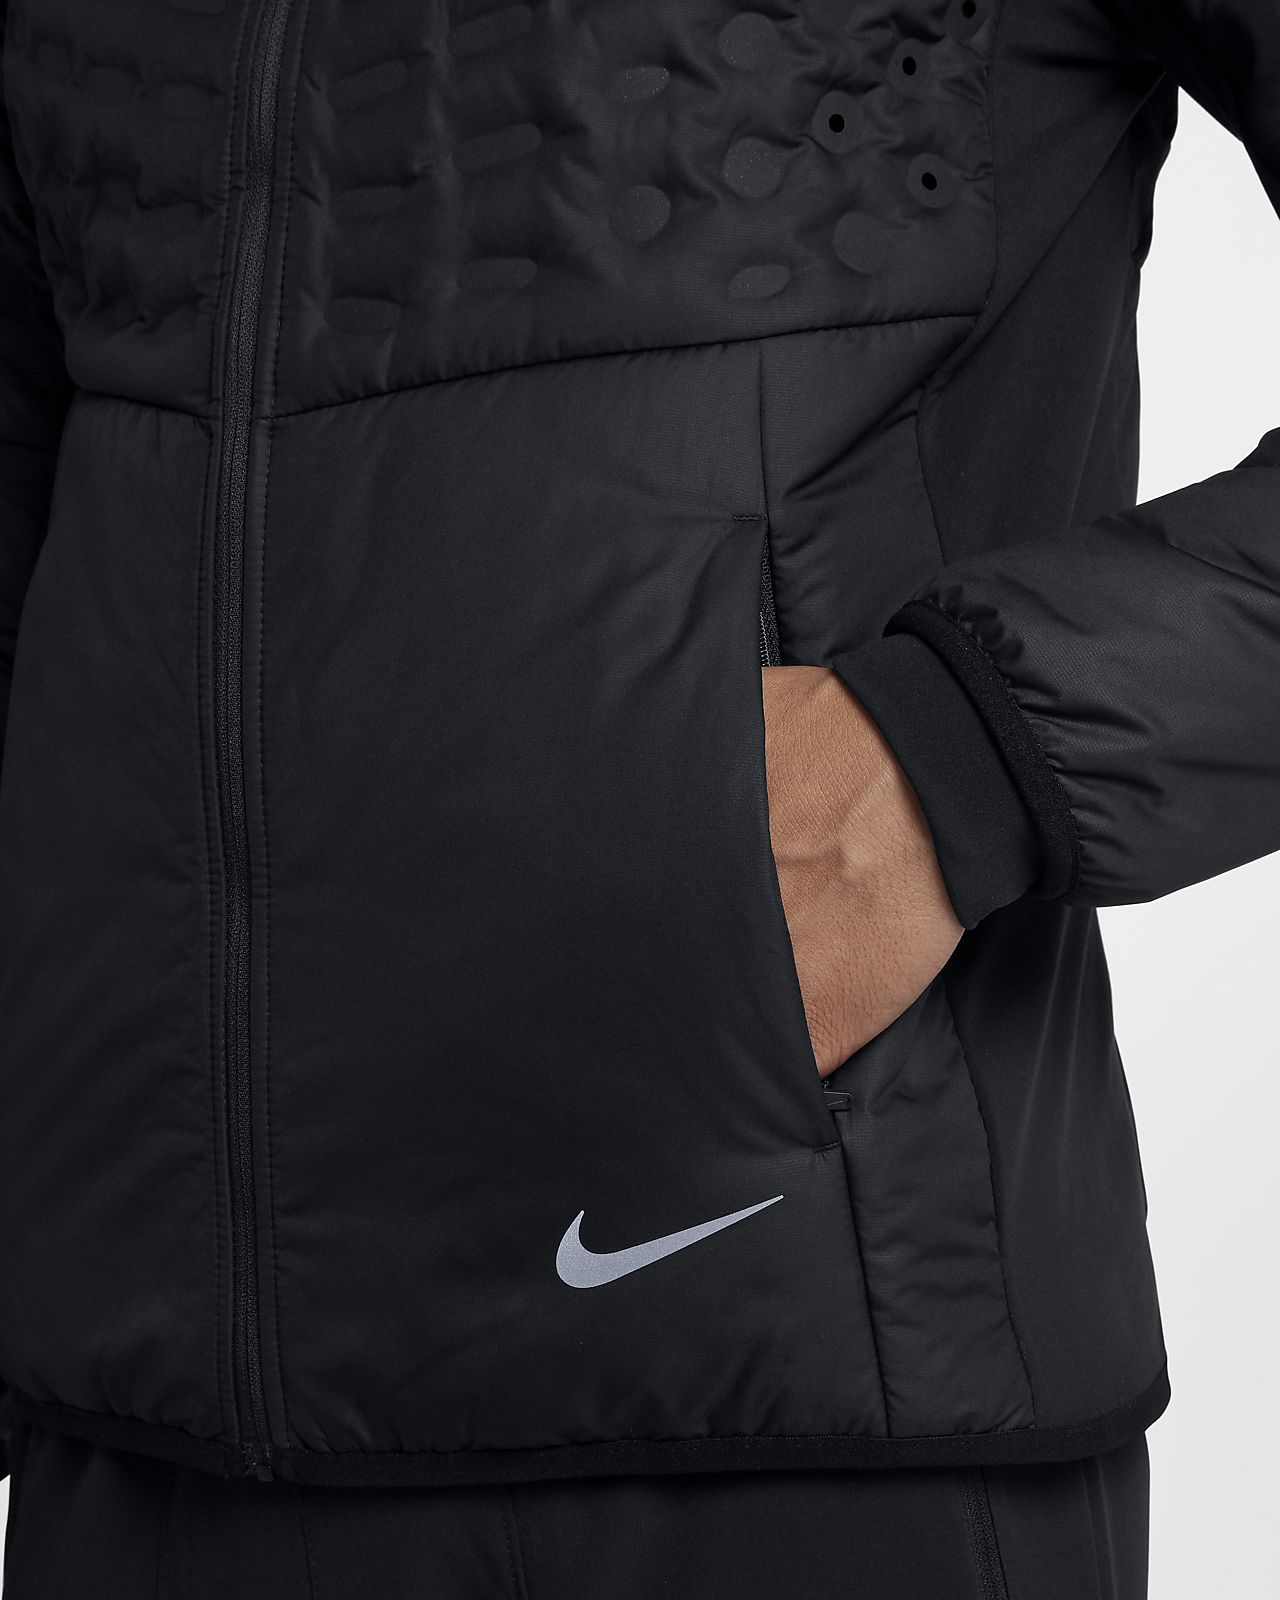 Nike AeroLoft Jacket AeroLoft Running Running Men's Nike Men's 1clJFKT